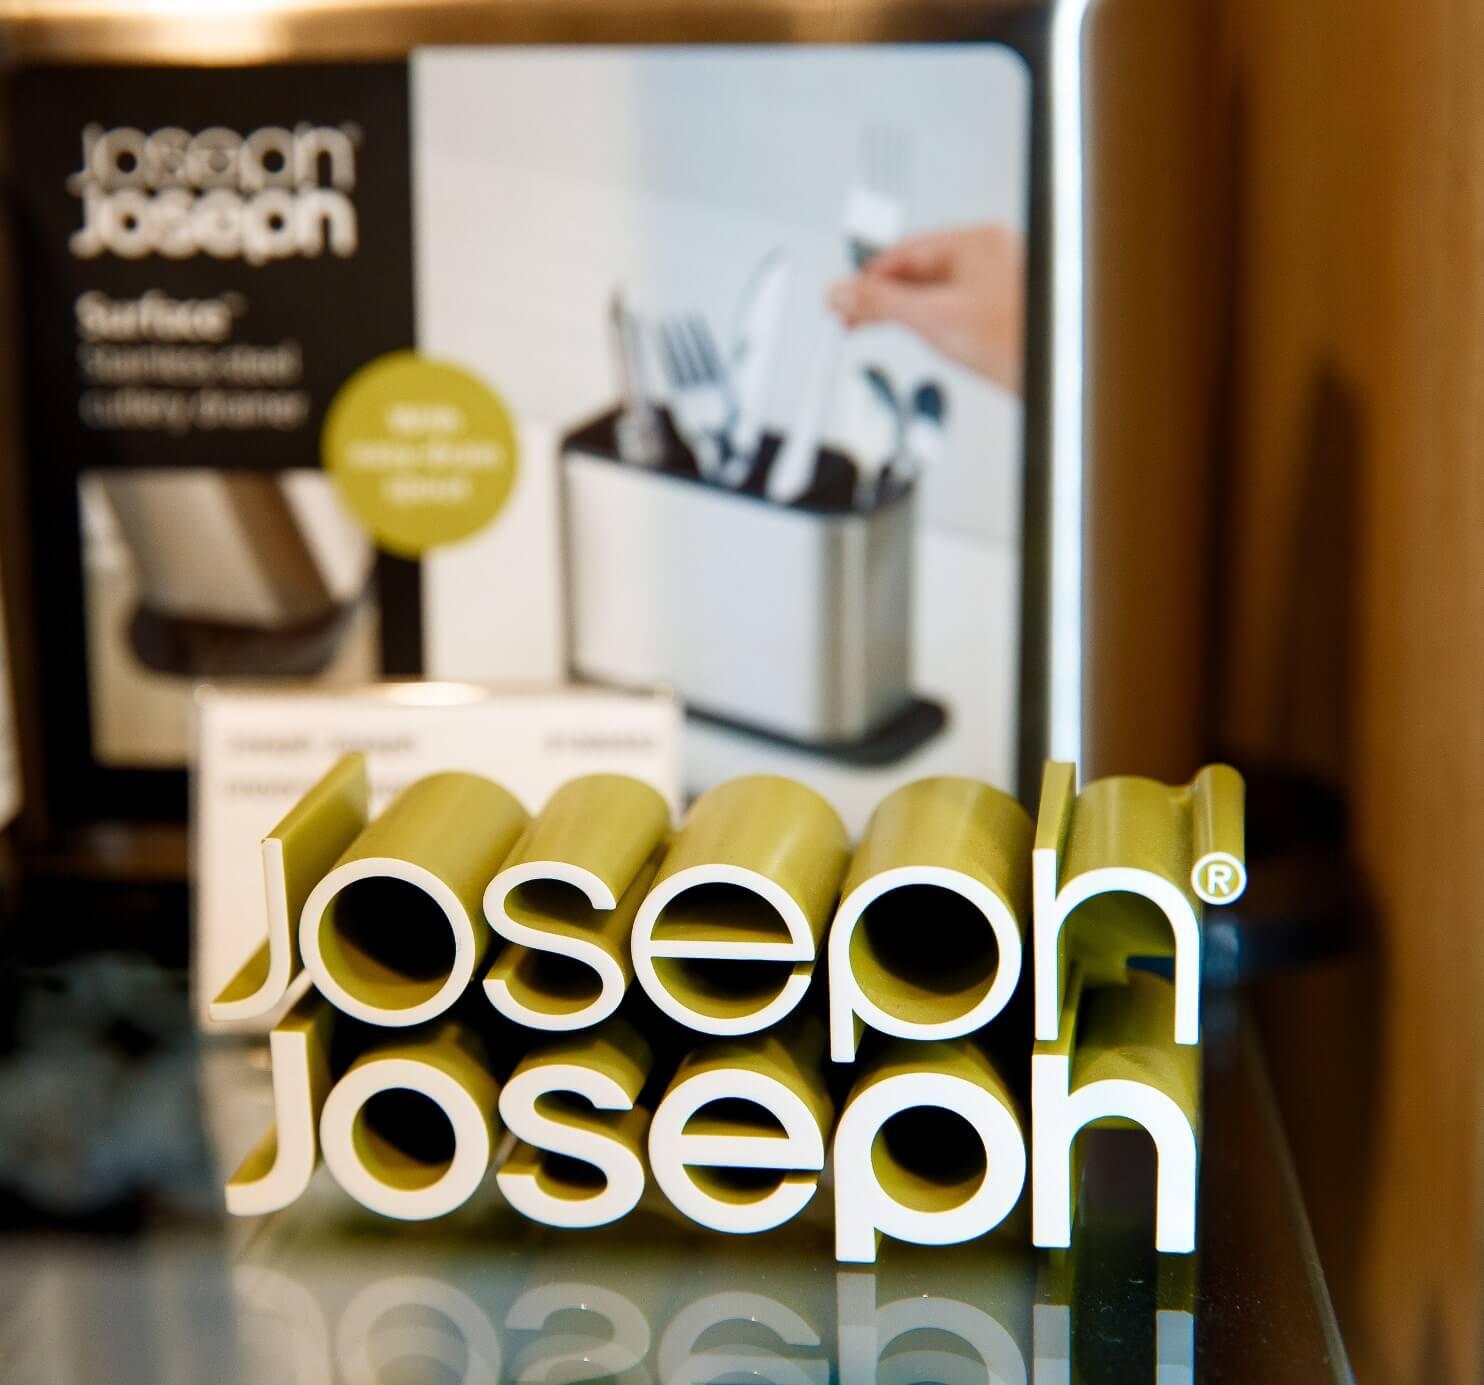 Скалка регулируемая Joseph Joseph, 42x6,5x6,5 см, разноцветный Joseph Joseph 20085 фото 3